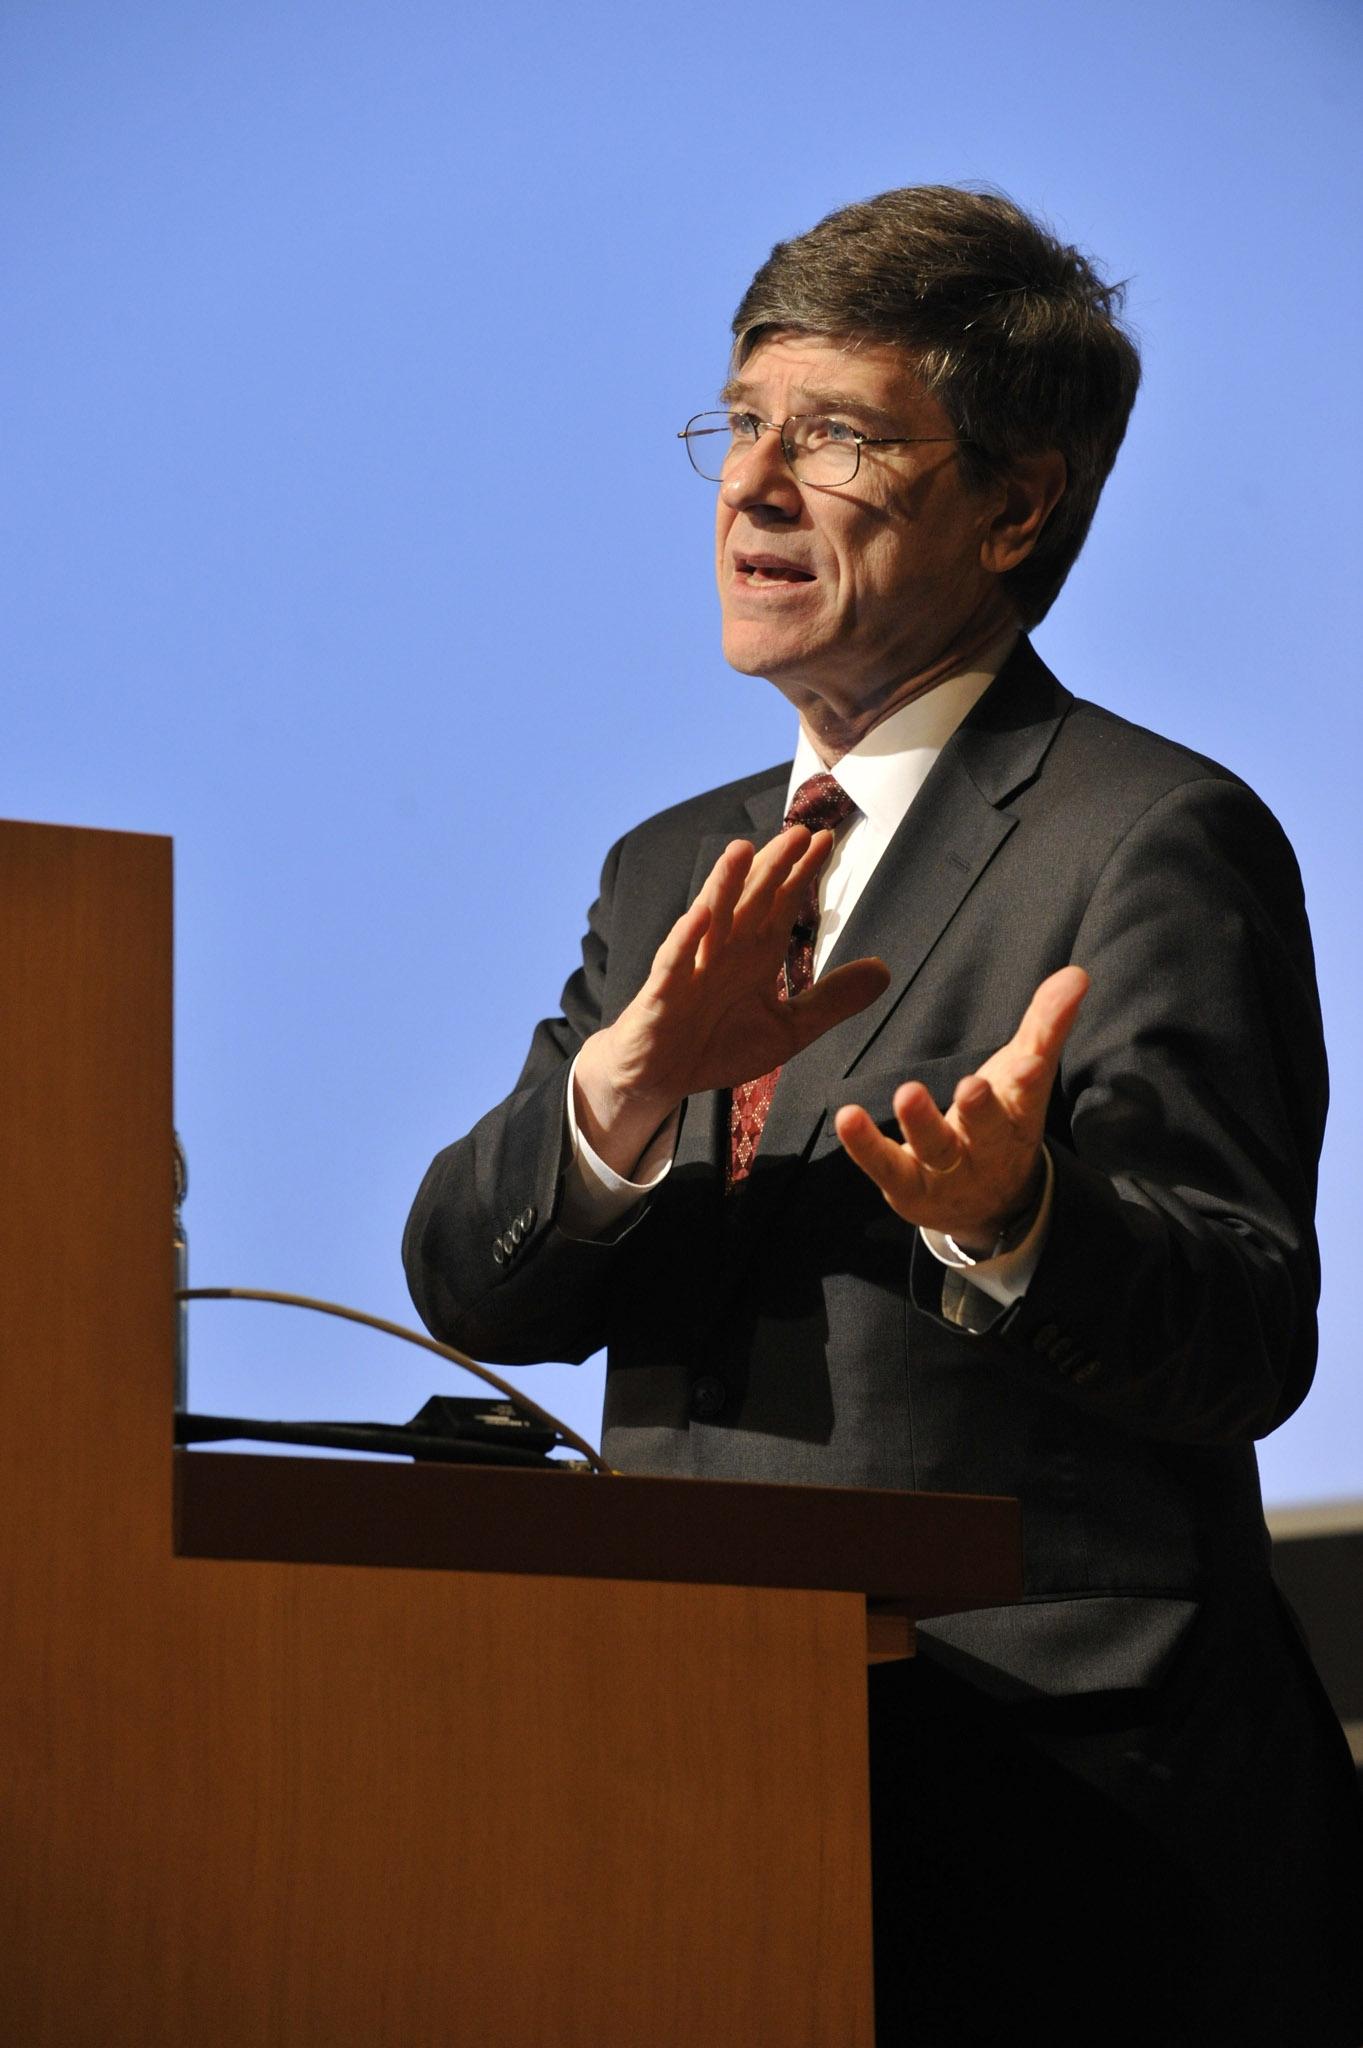 Nhà kinh tế Jeffrey Sachs, giám đốc Viện Trái đất. Ảnh: harvard.edu.